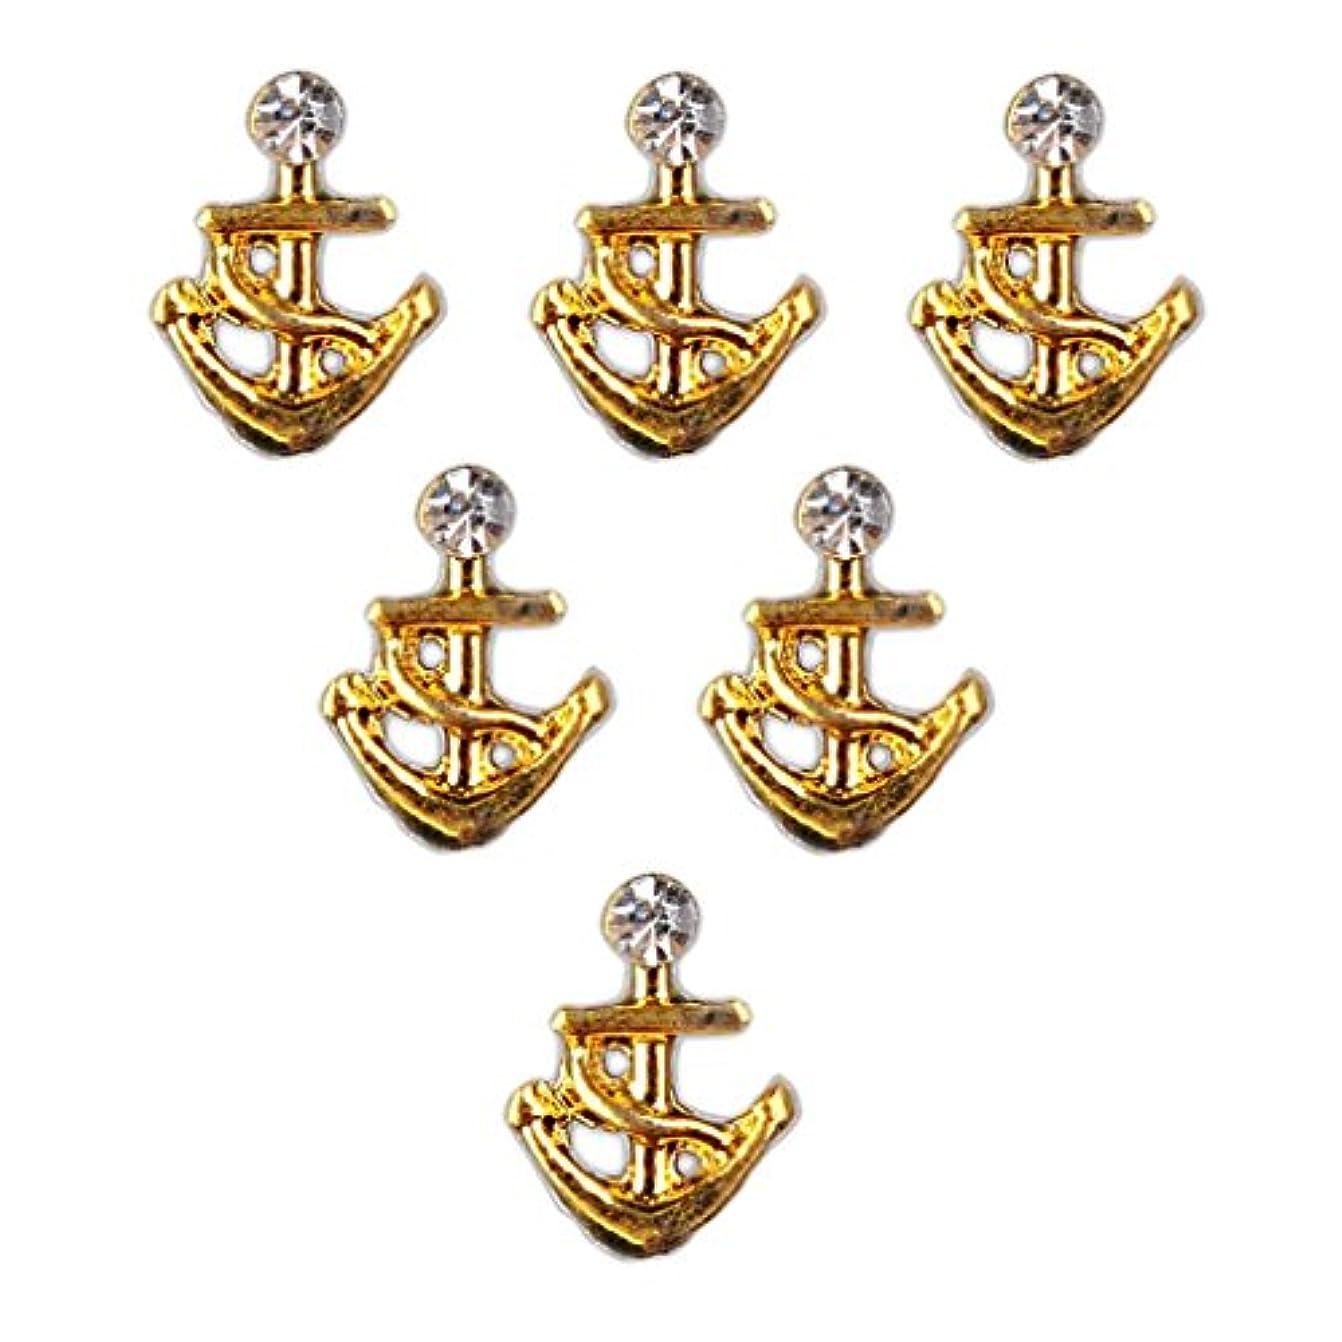 クランプいろいろ動的Perfk ネイル ネイルデザイン ダイヤモンド 約50個 3Dネイルアート ヒントステッカー 装飾 おしゃれ 全8タイプ選べ - 1